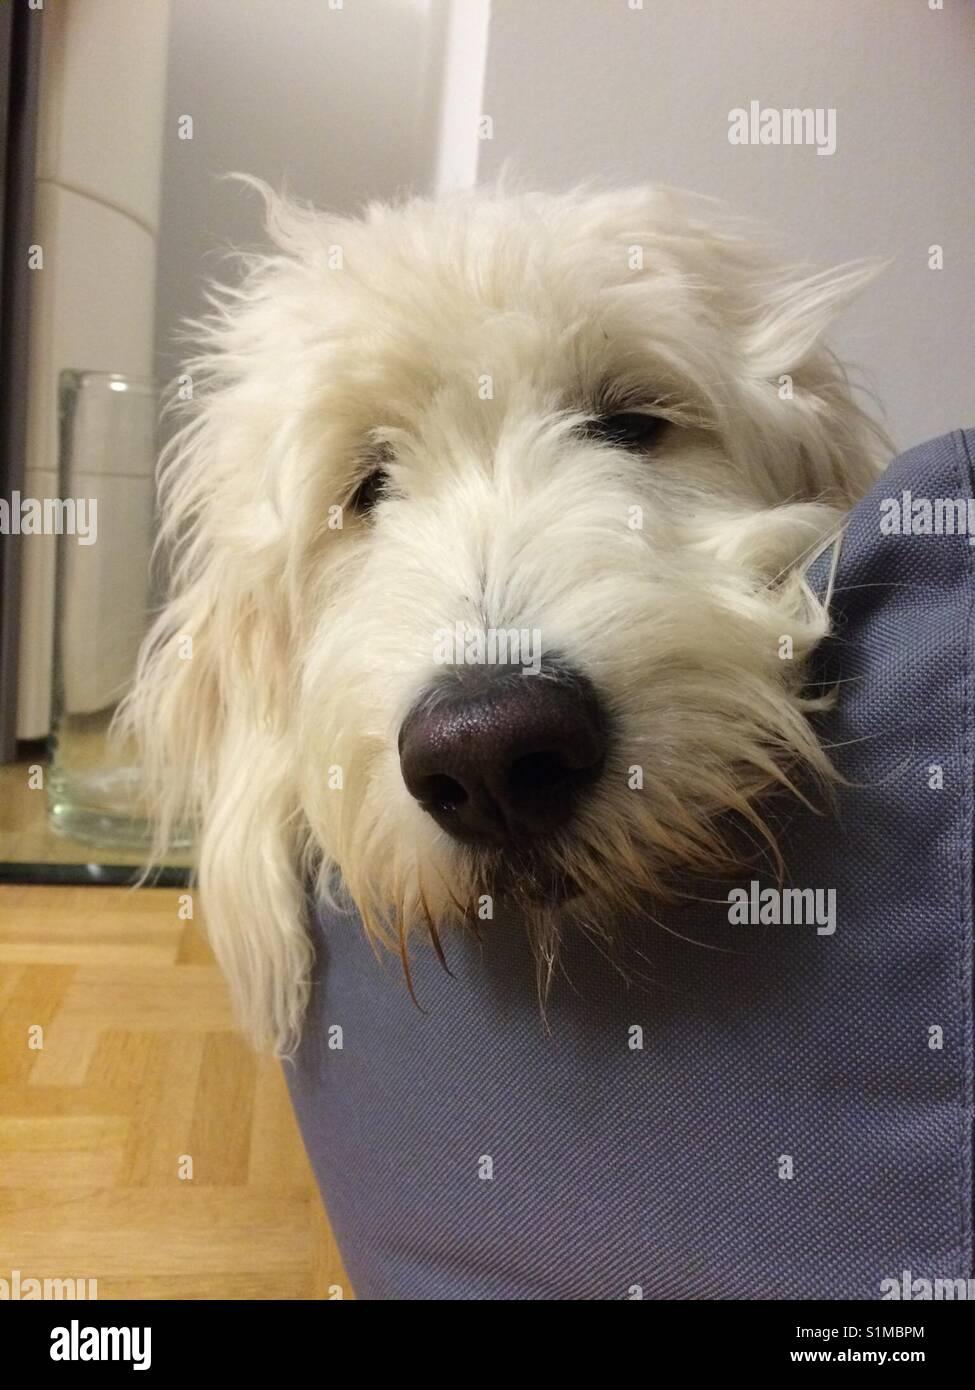 Goldendoodle in dreambay Bett, weiß hund, schwarze Nase, weisser Hund guckt in die Kamera im Hundebett liegend Stockbild